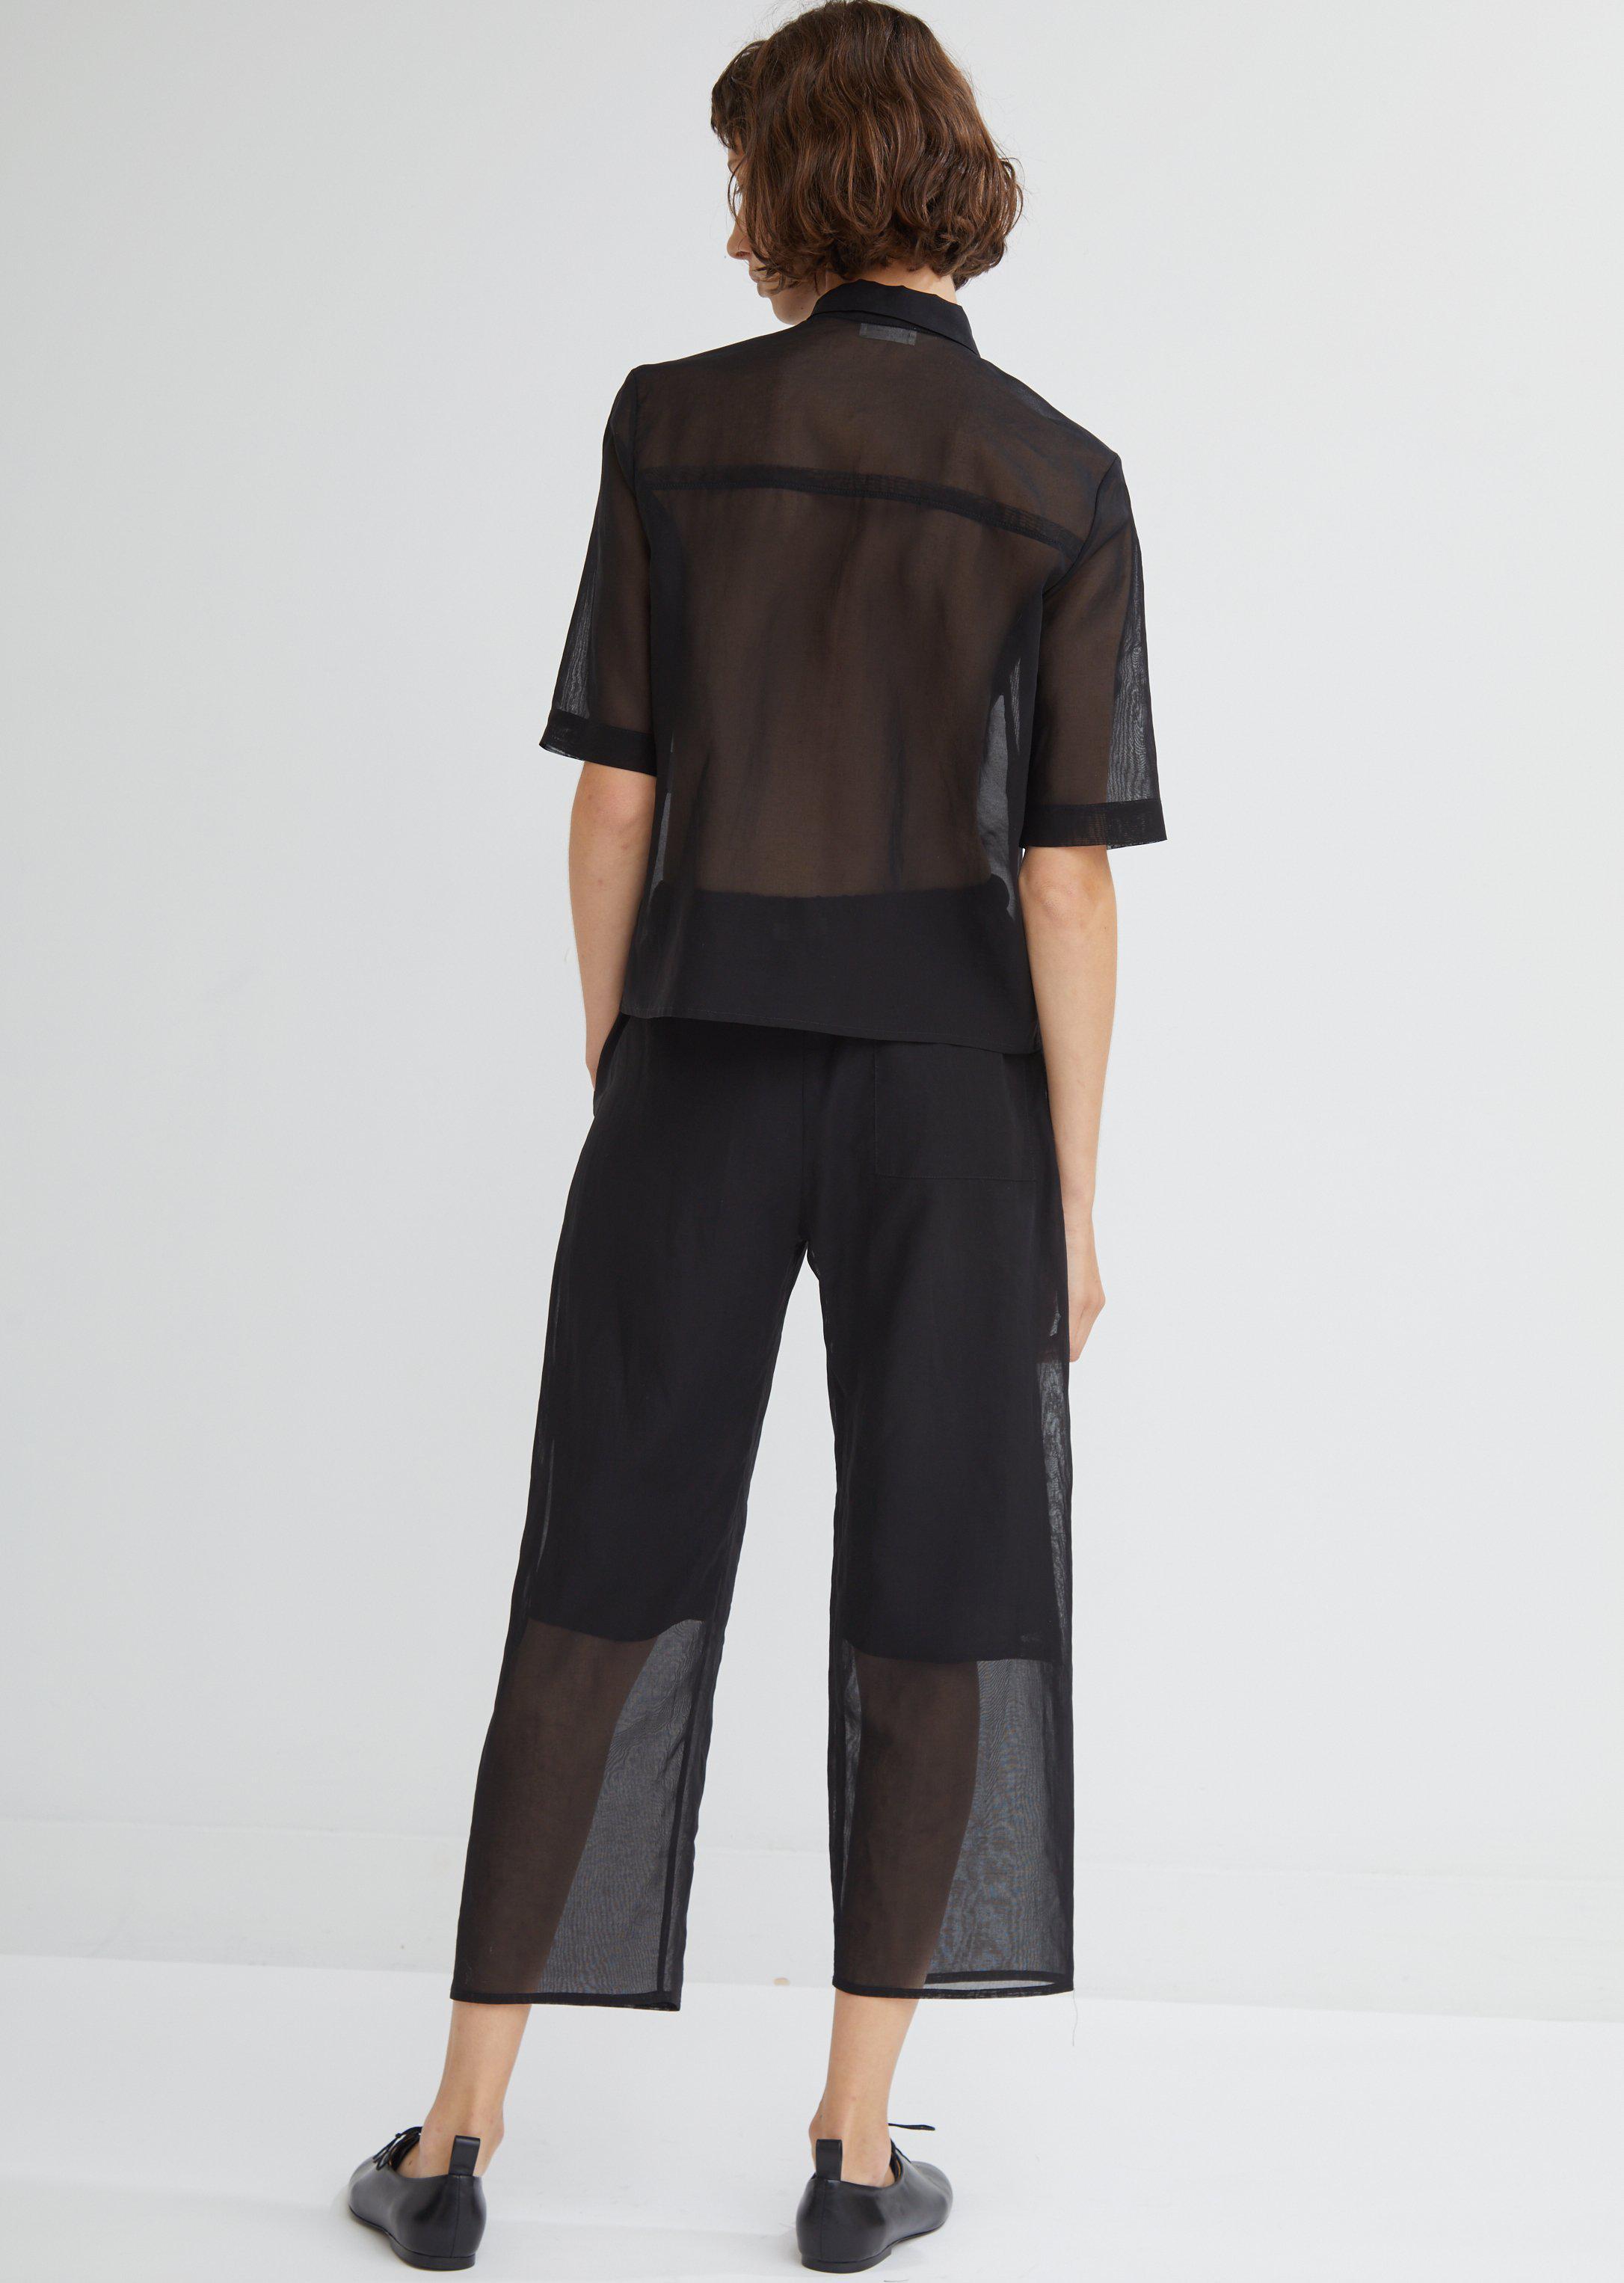 Moderne Silk Organdy Pant in Black